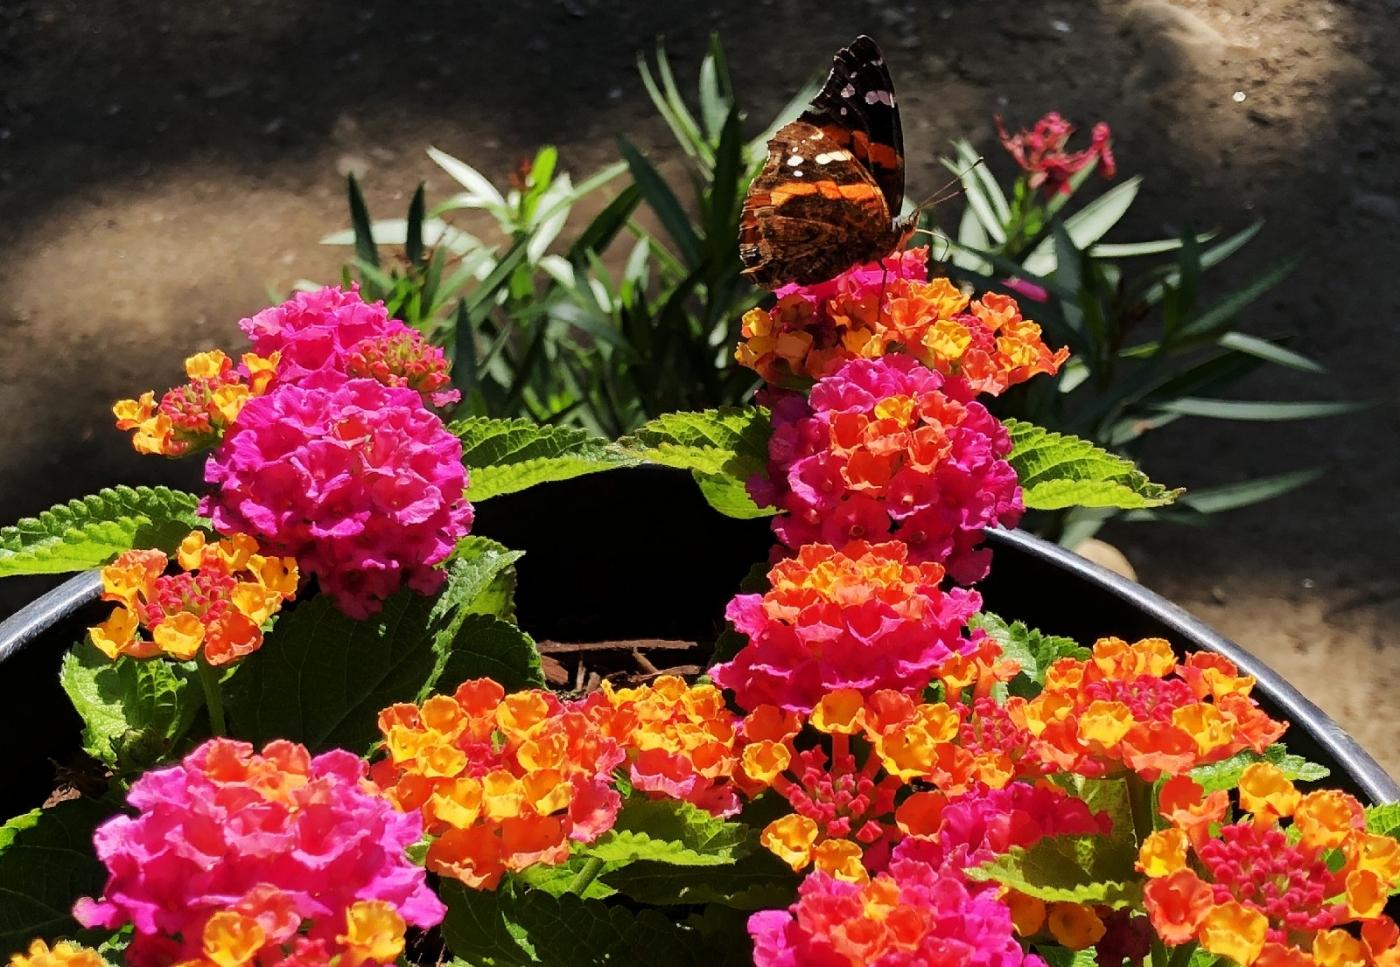 【田螺随拍】我种了马鞭草蝴蝶就来了_图1-10